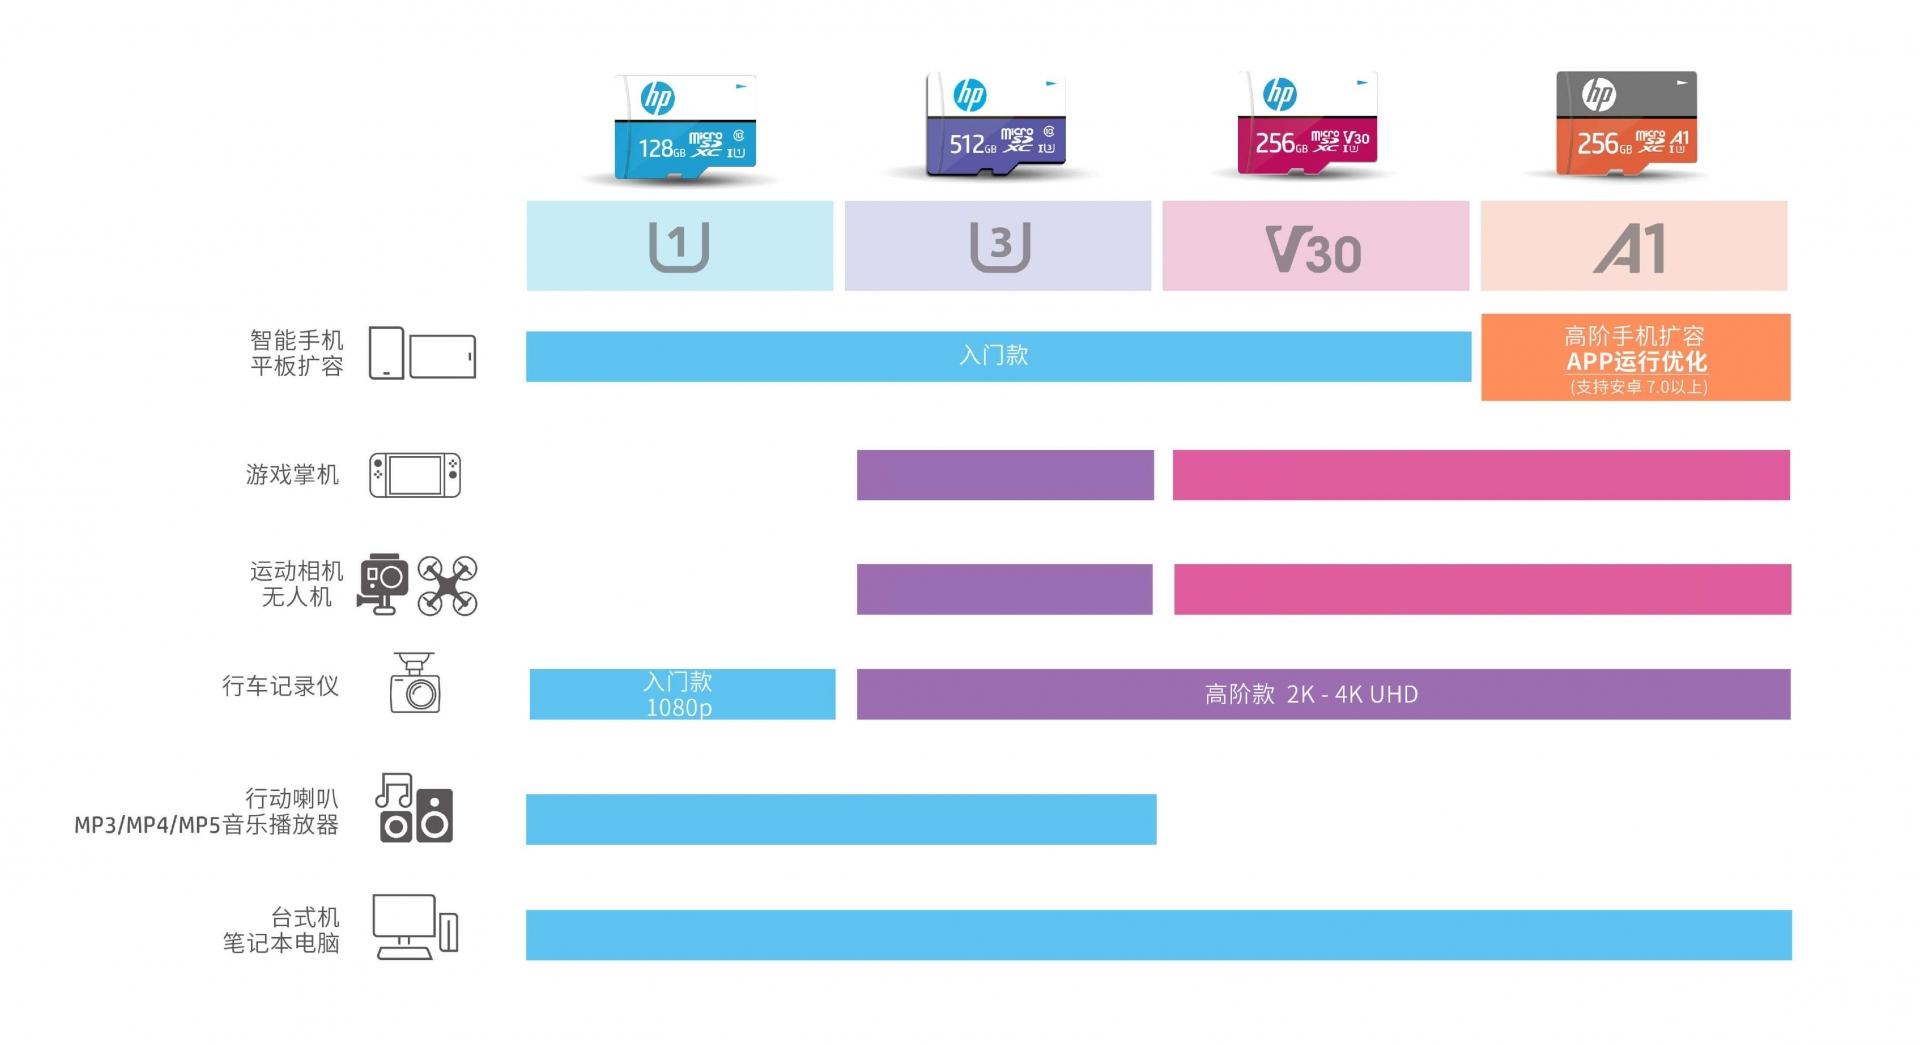 HP 卡片應用裝置圖